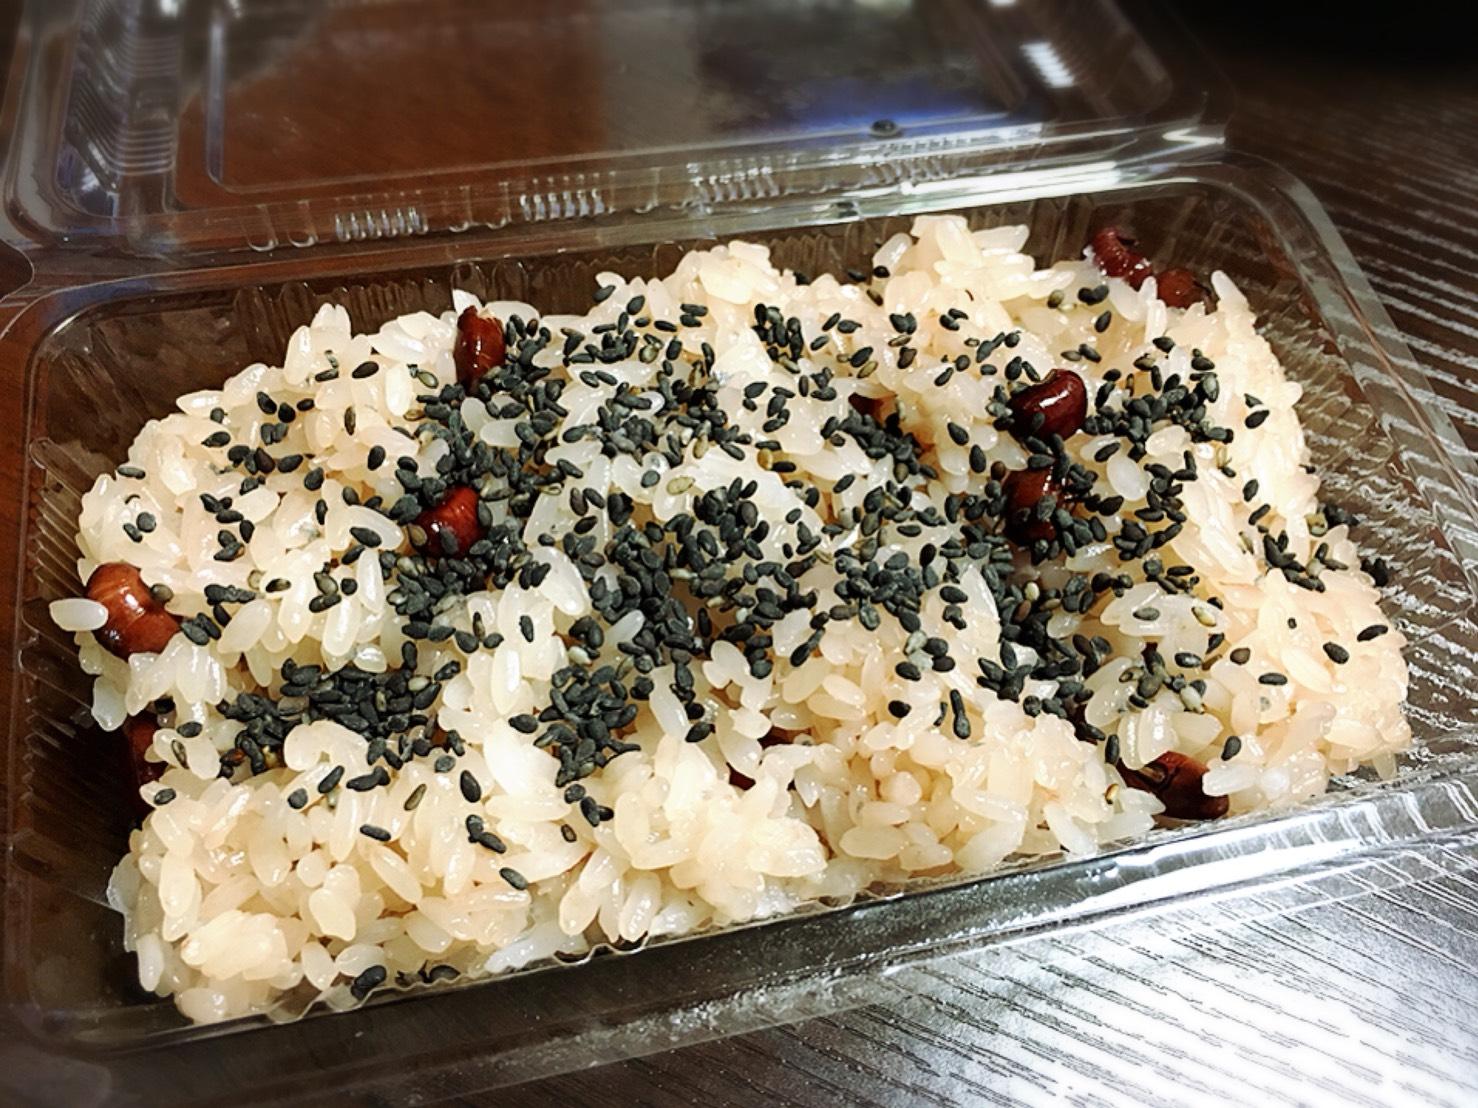 【大塚駅】もなか屋さん「千成もなか本舗」の200円のパンケーキのお赤飯胡麻をふった